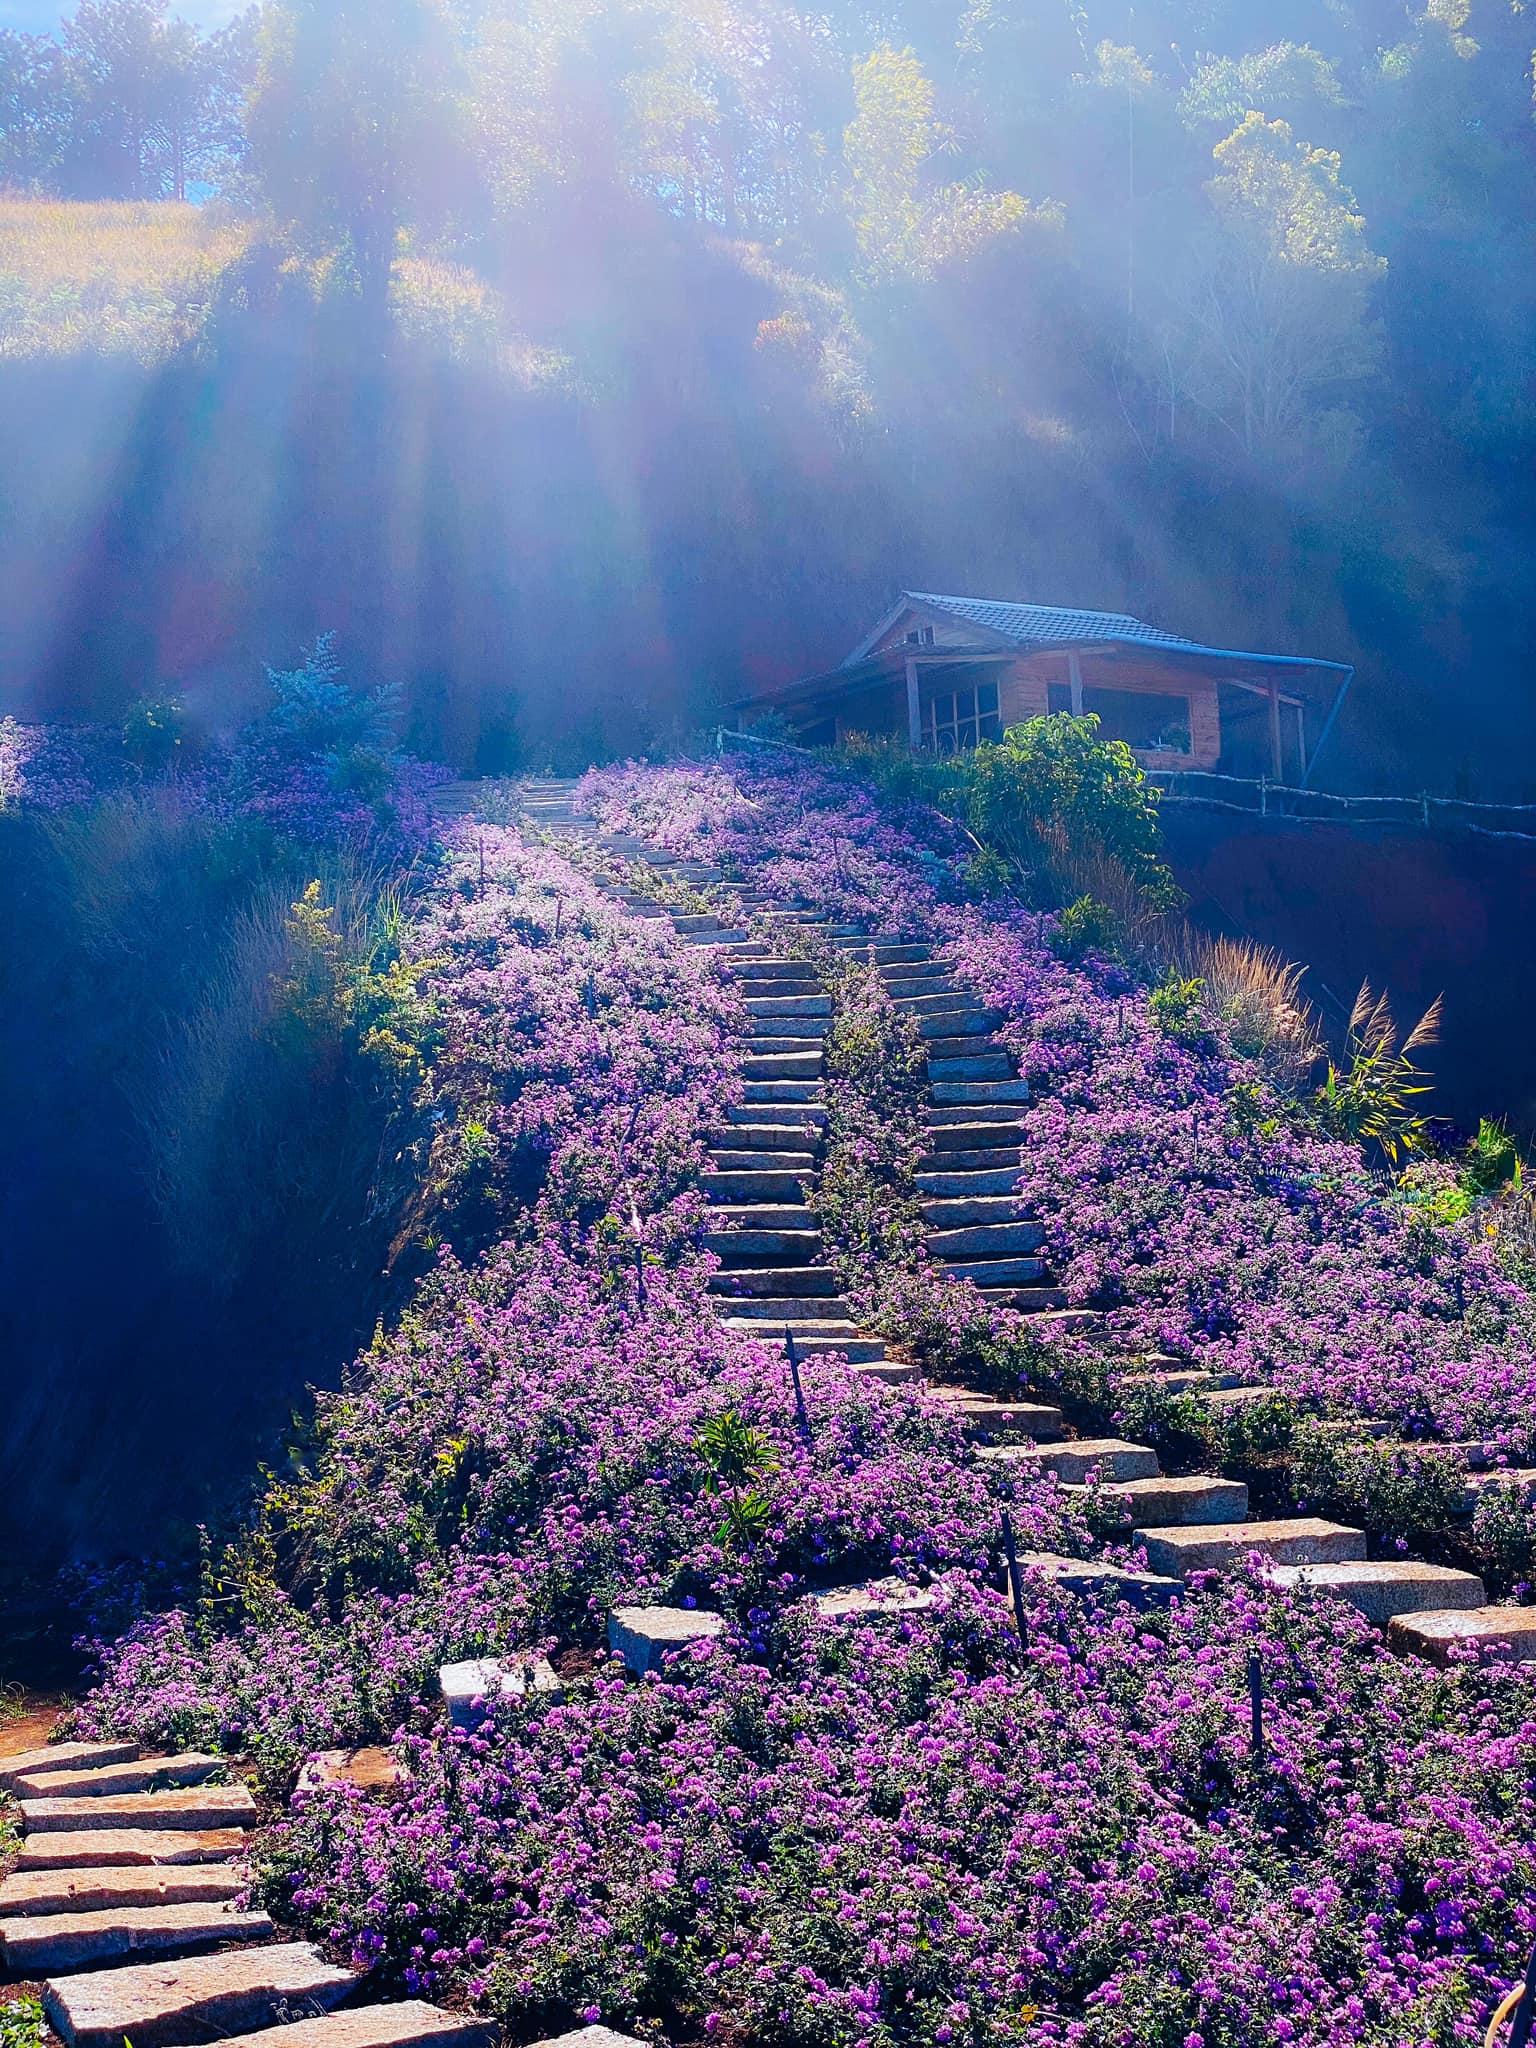 Check-in Vườn hoa lavender Túi Thương Nhớ, điểm đến 'mới toanh' tại Đà Lạt  - Ảnh 2.